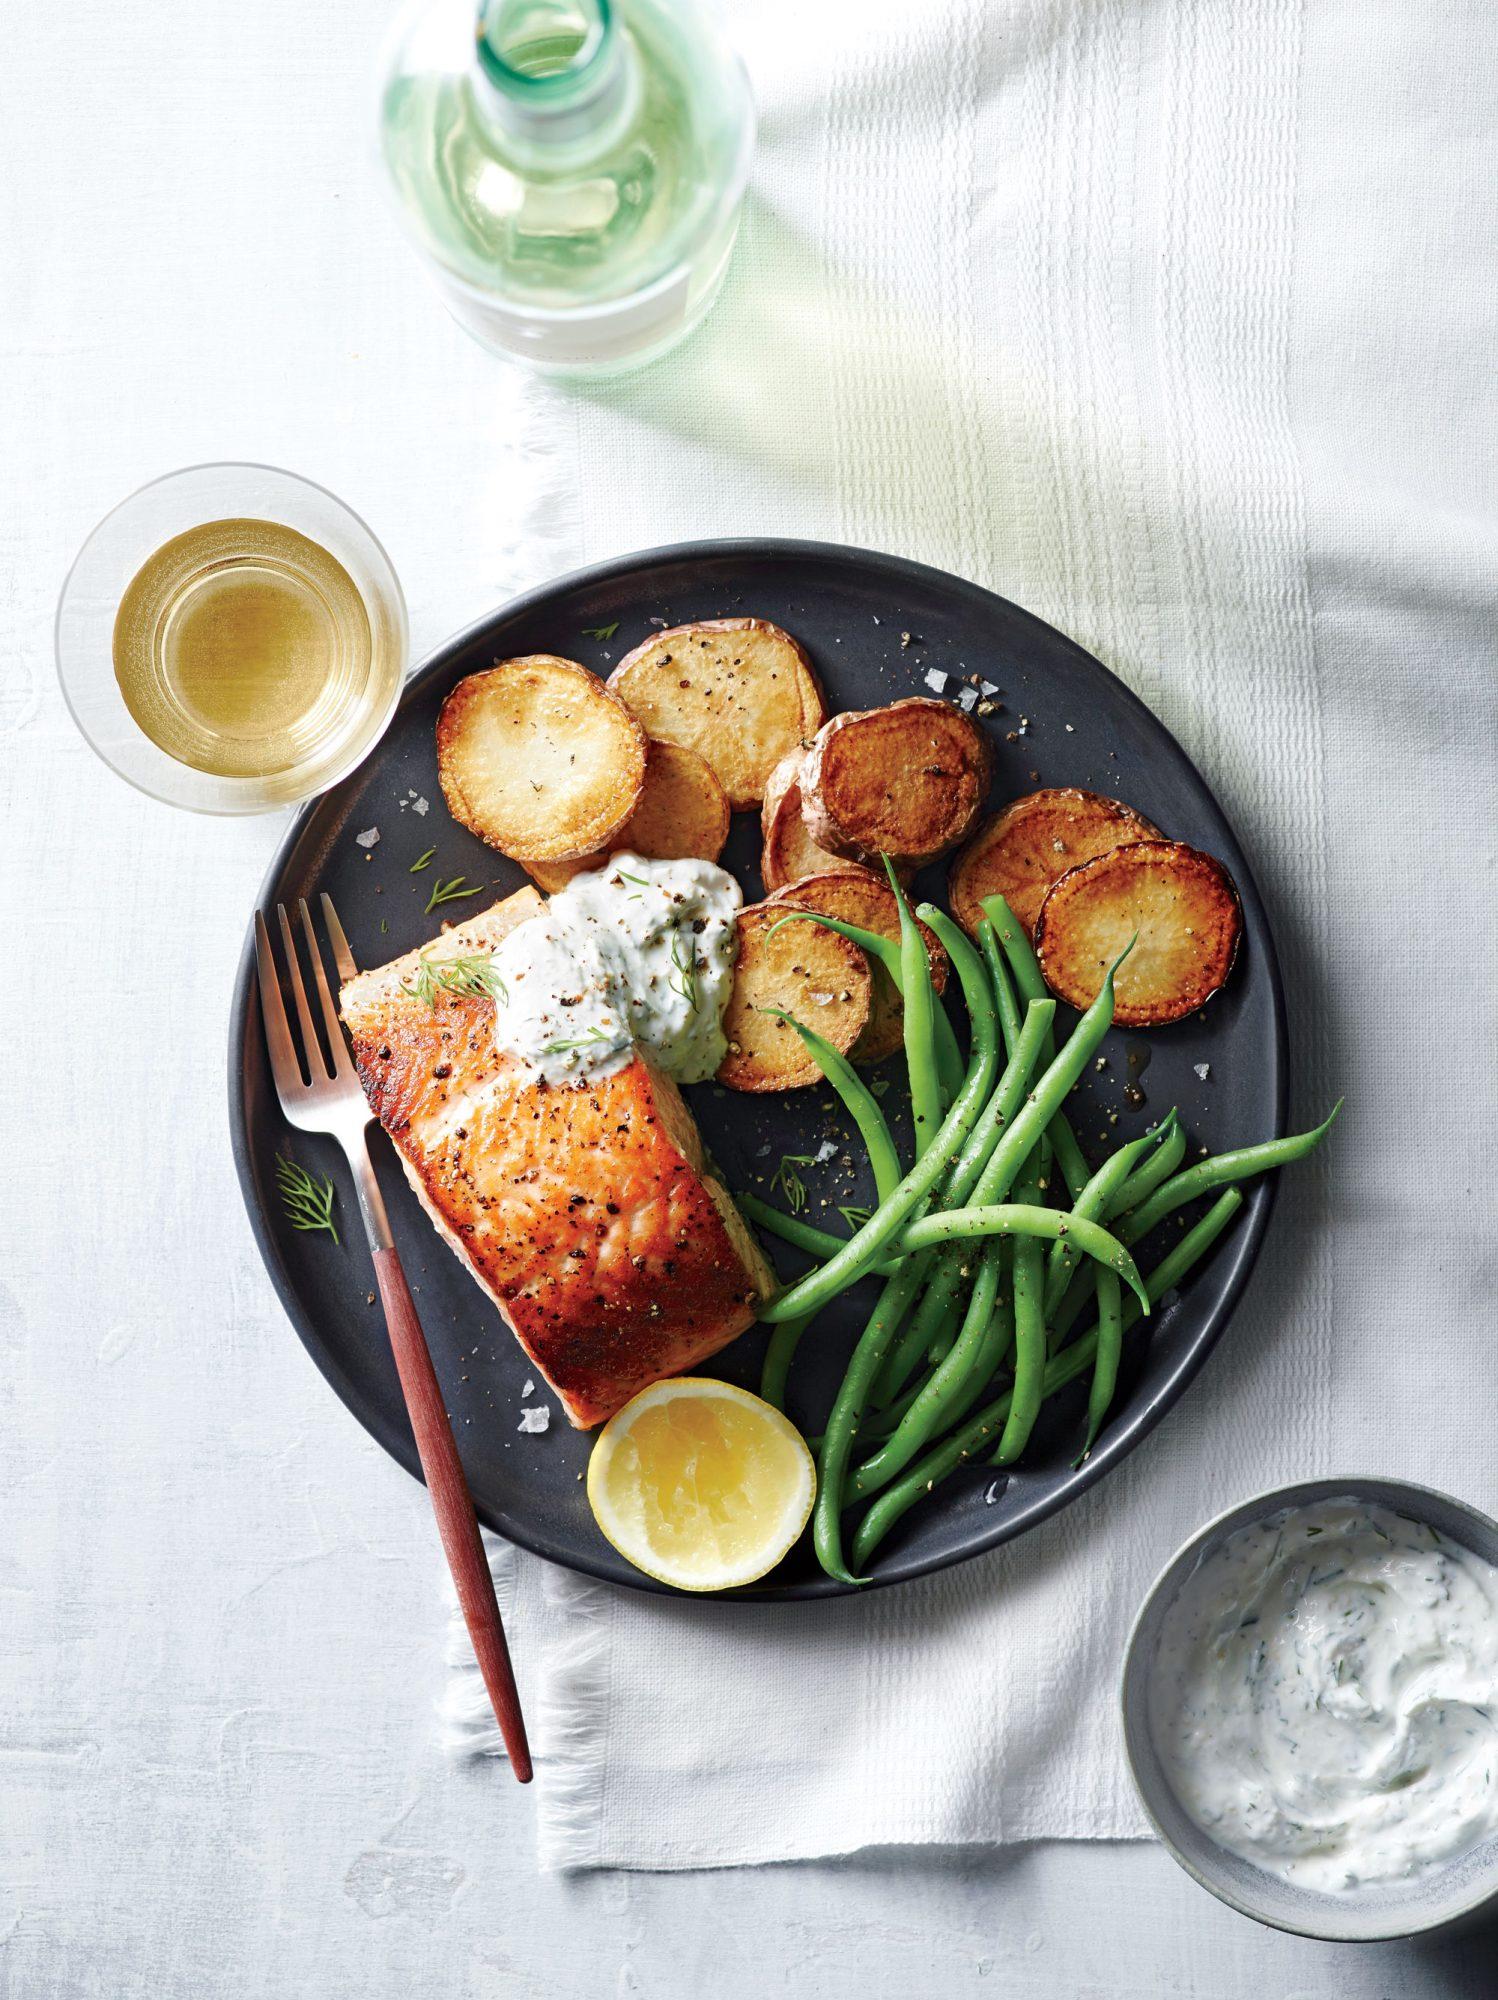 Saumon aux pommes de terre et sauce au raifort image